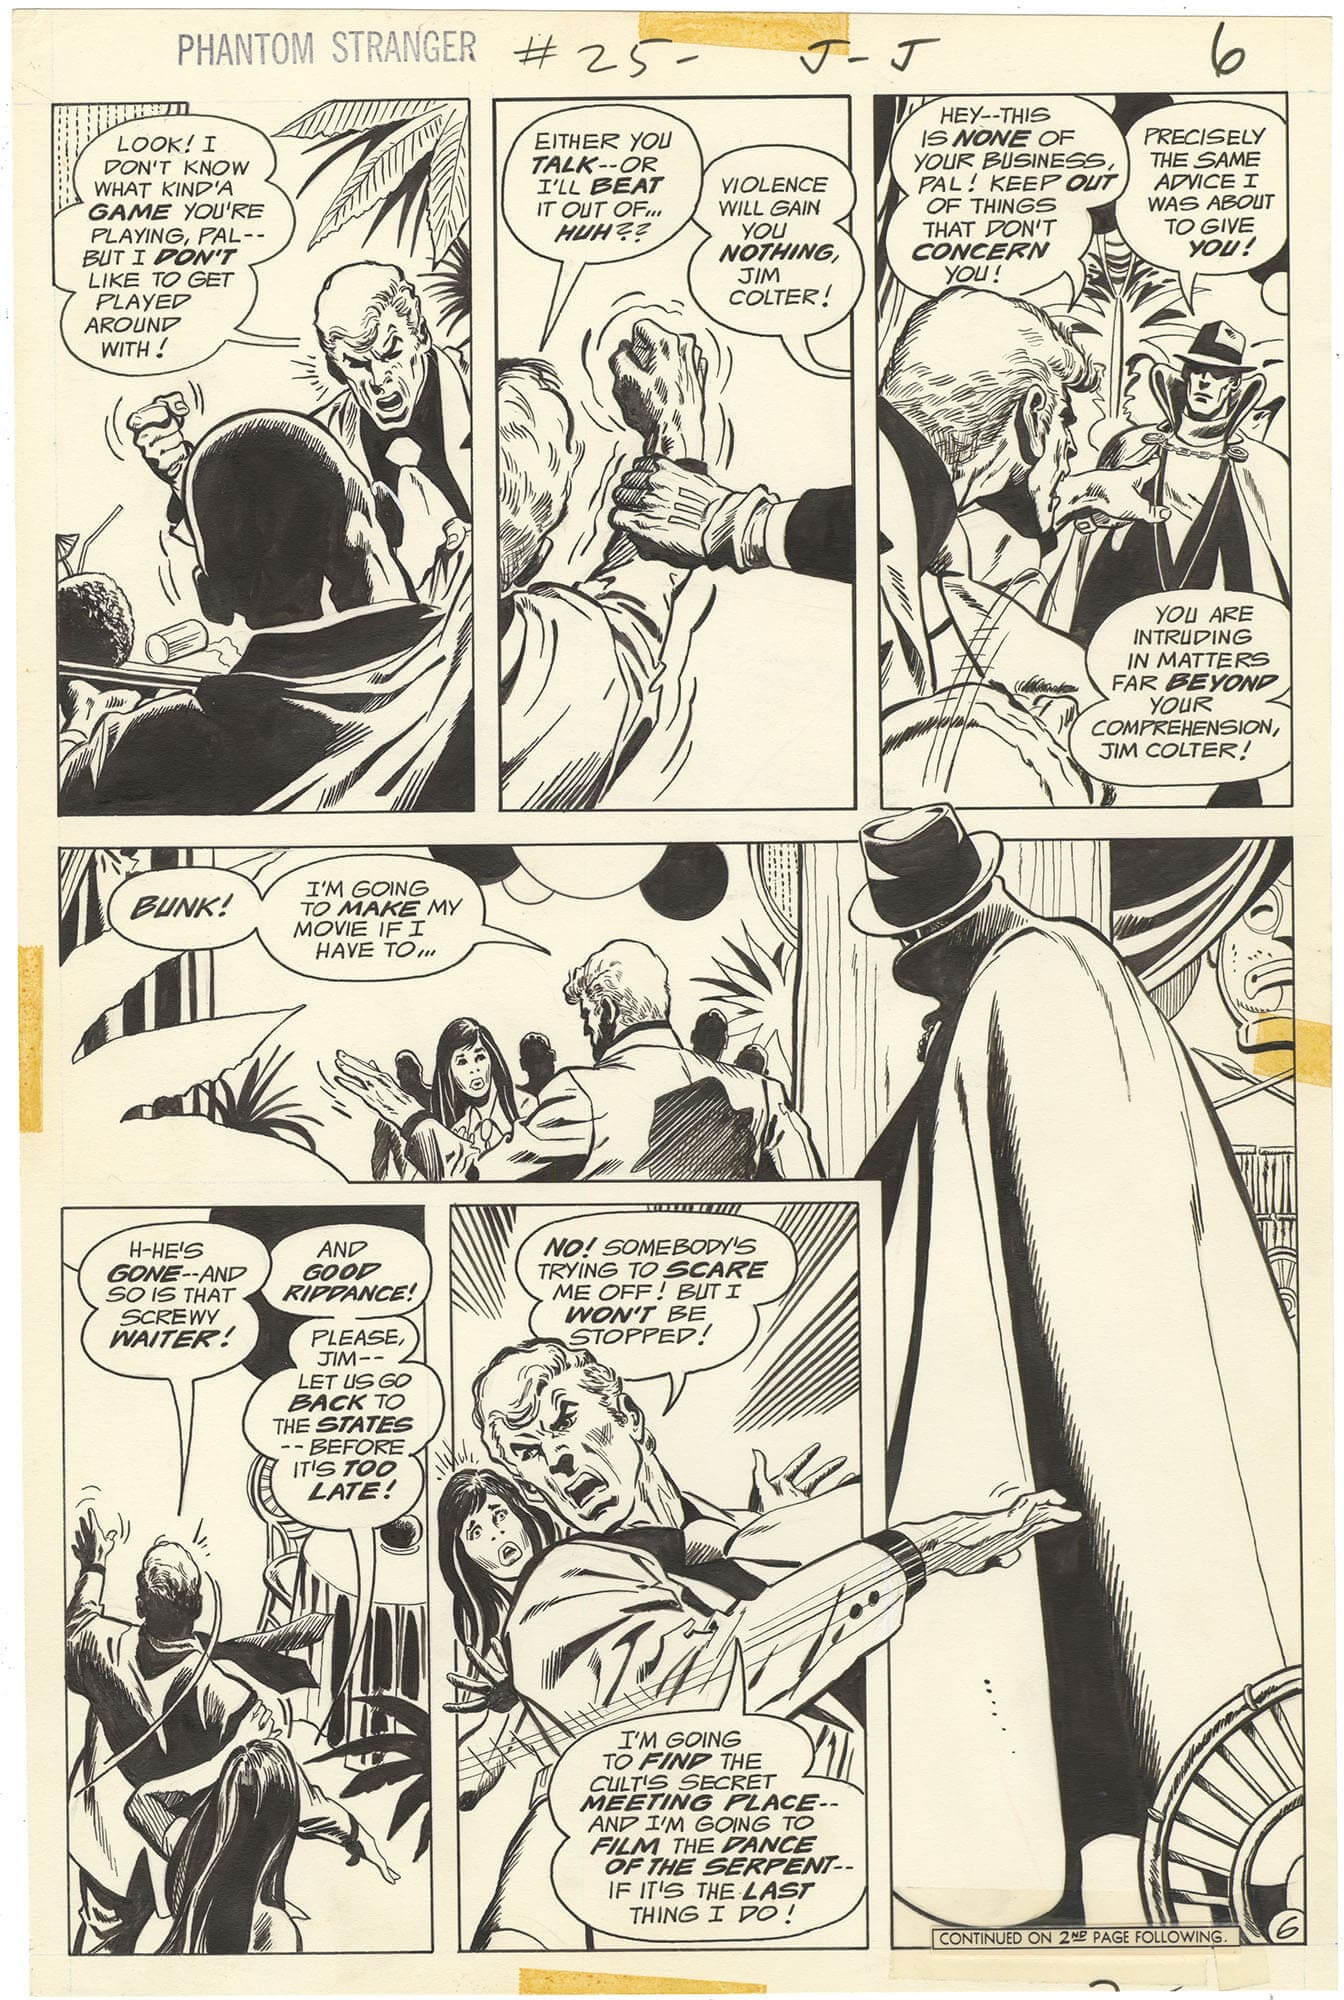 Phantom Stranger #25 p6